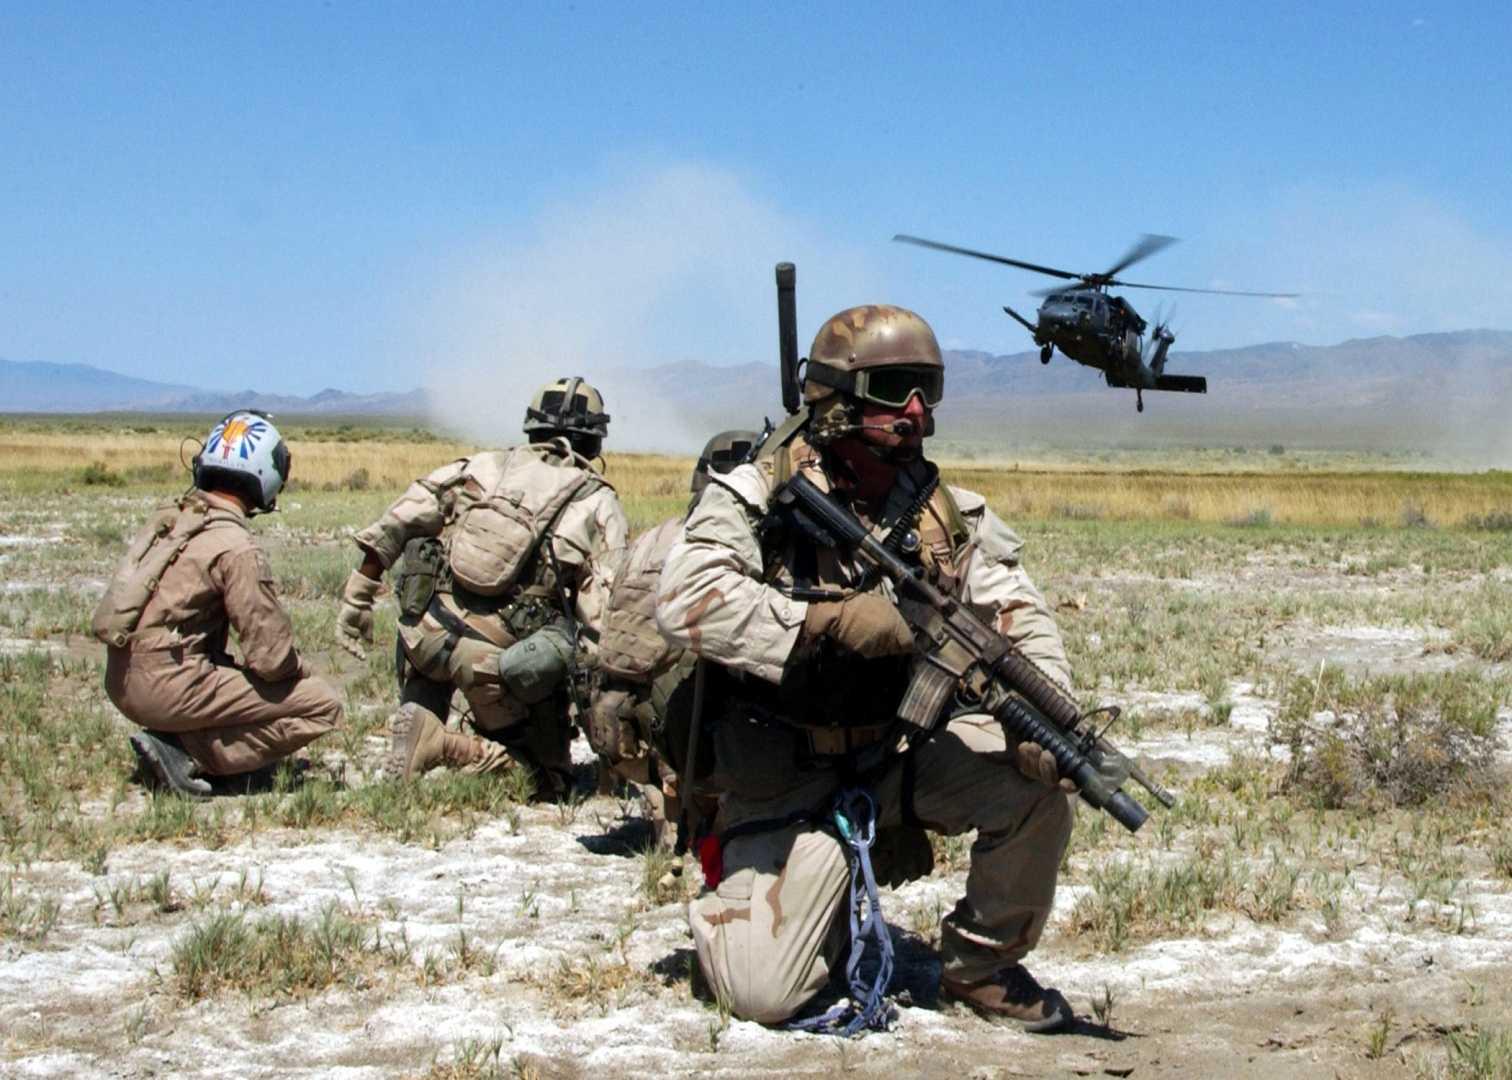 США испытали связку, с помощью которой они потенциально могут напасть на Россию